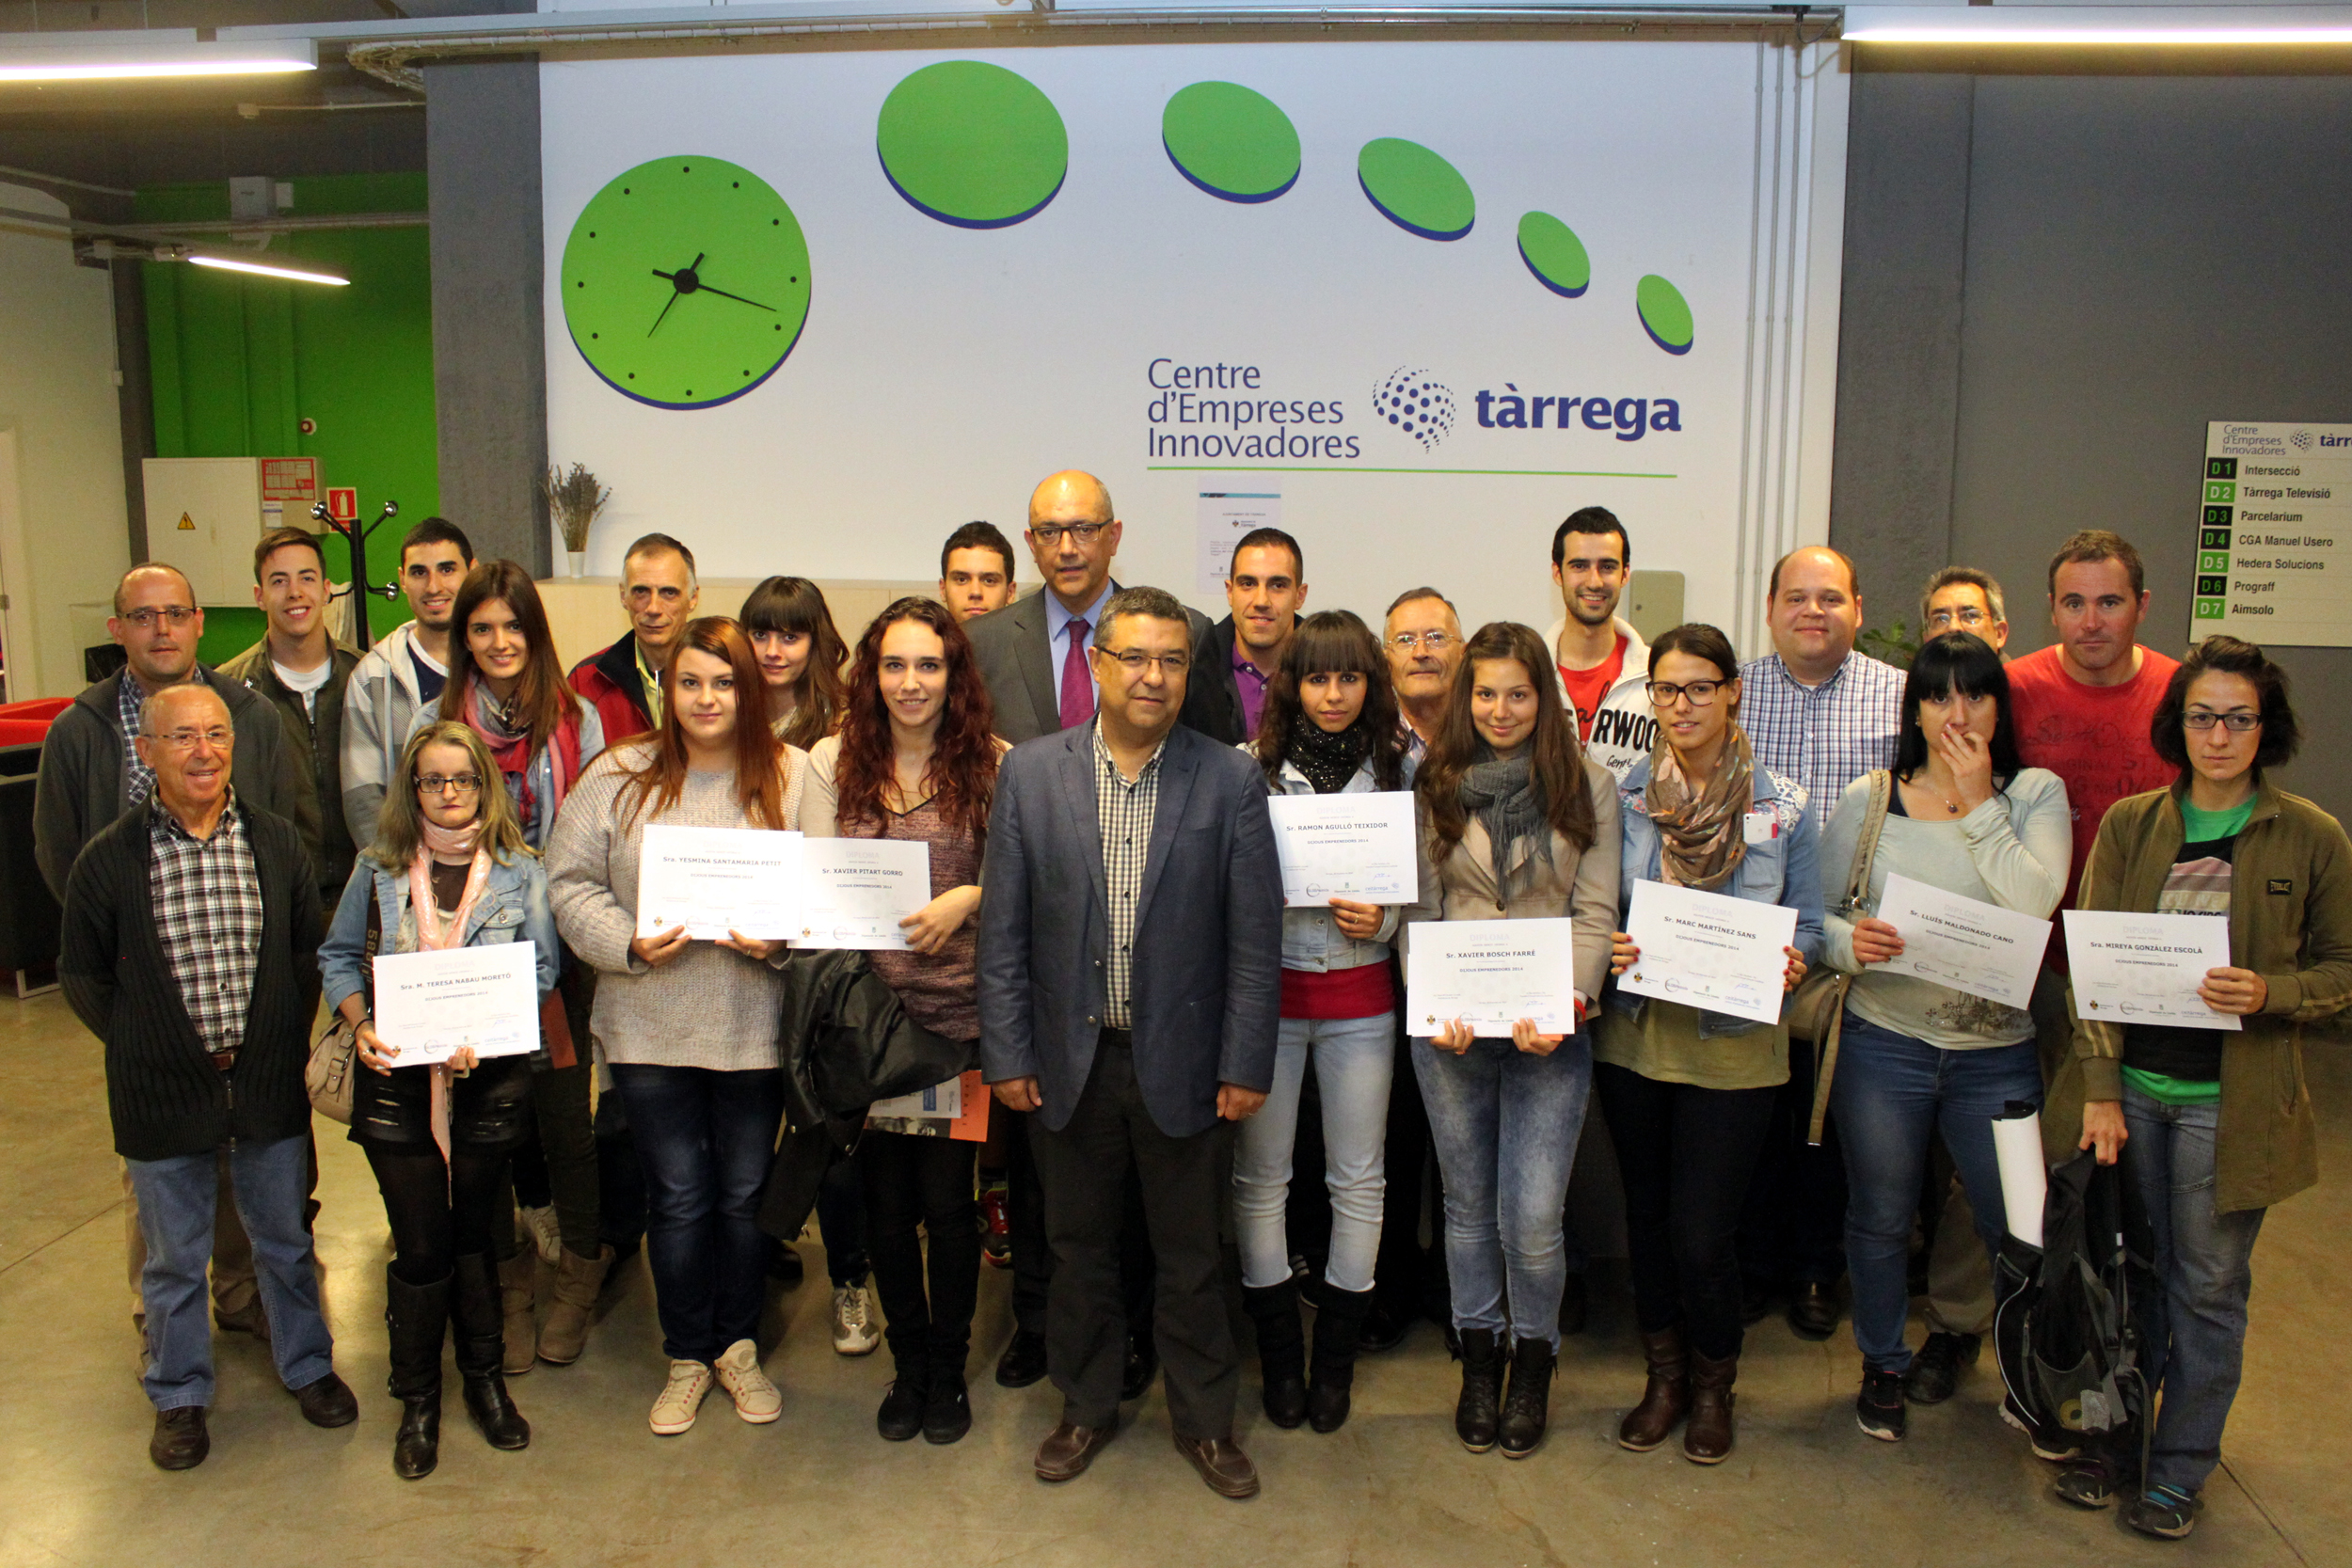 L'Ajuntament de Tàrrega ampliarà el seu viver d'empreses l'any 2015 amb ajuts europeus